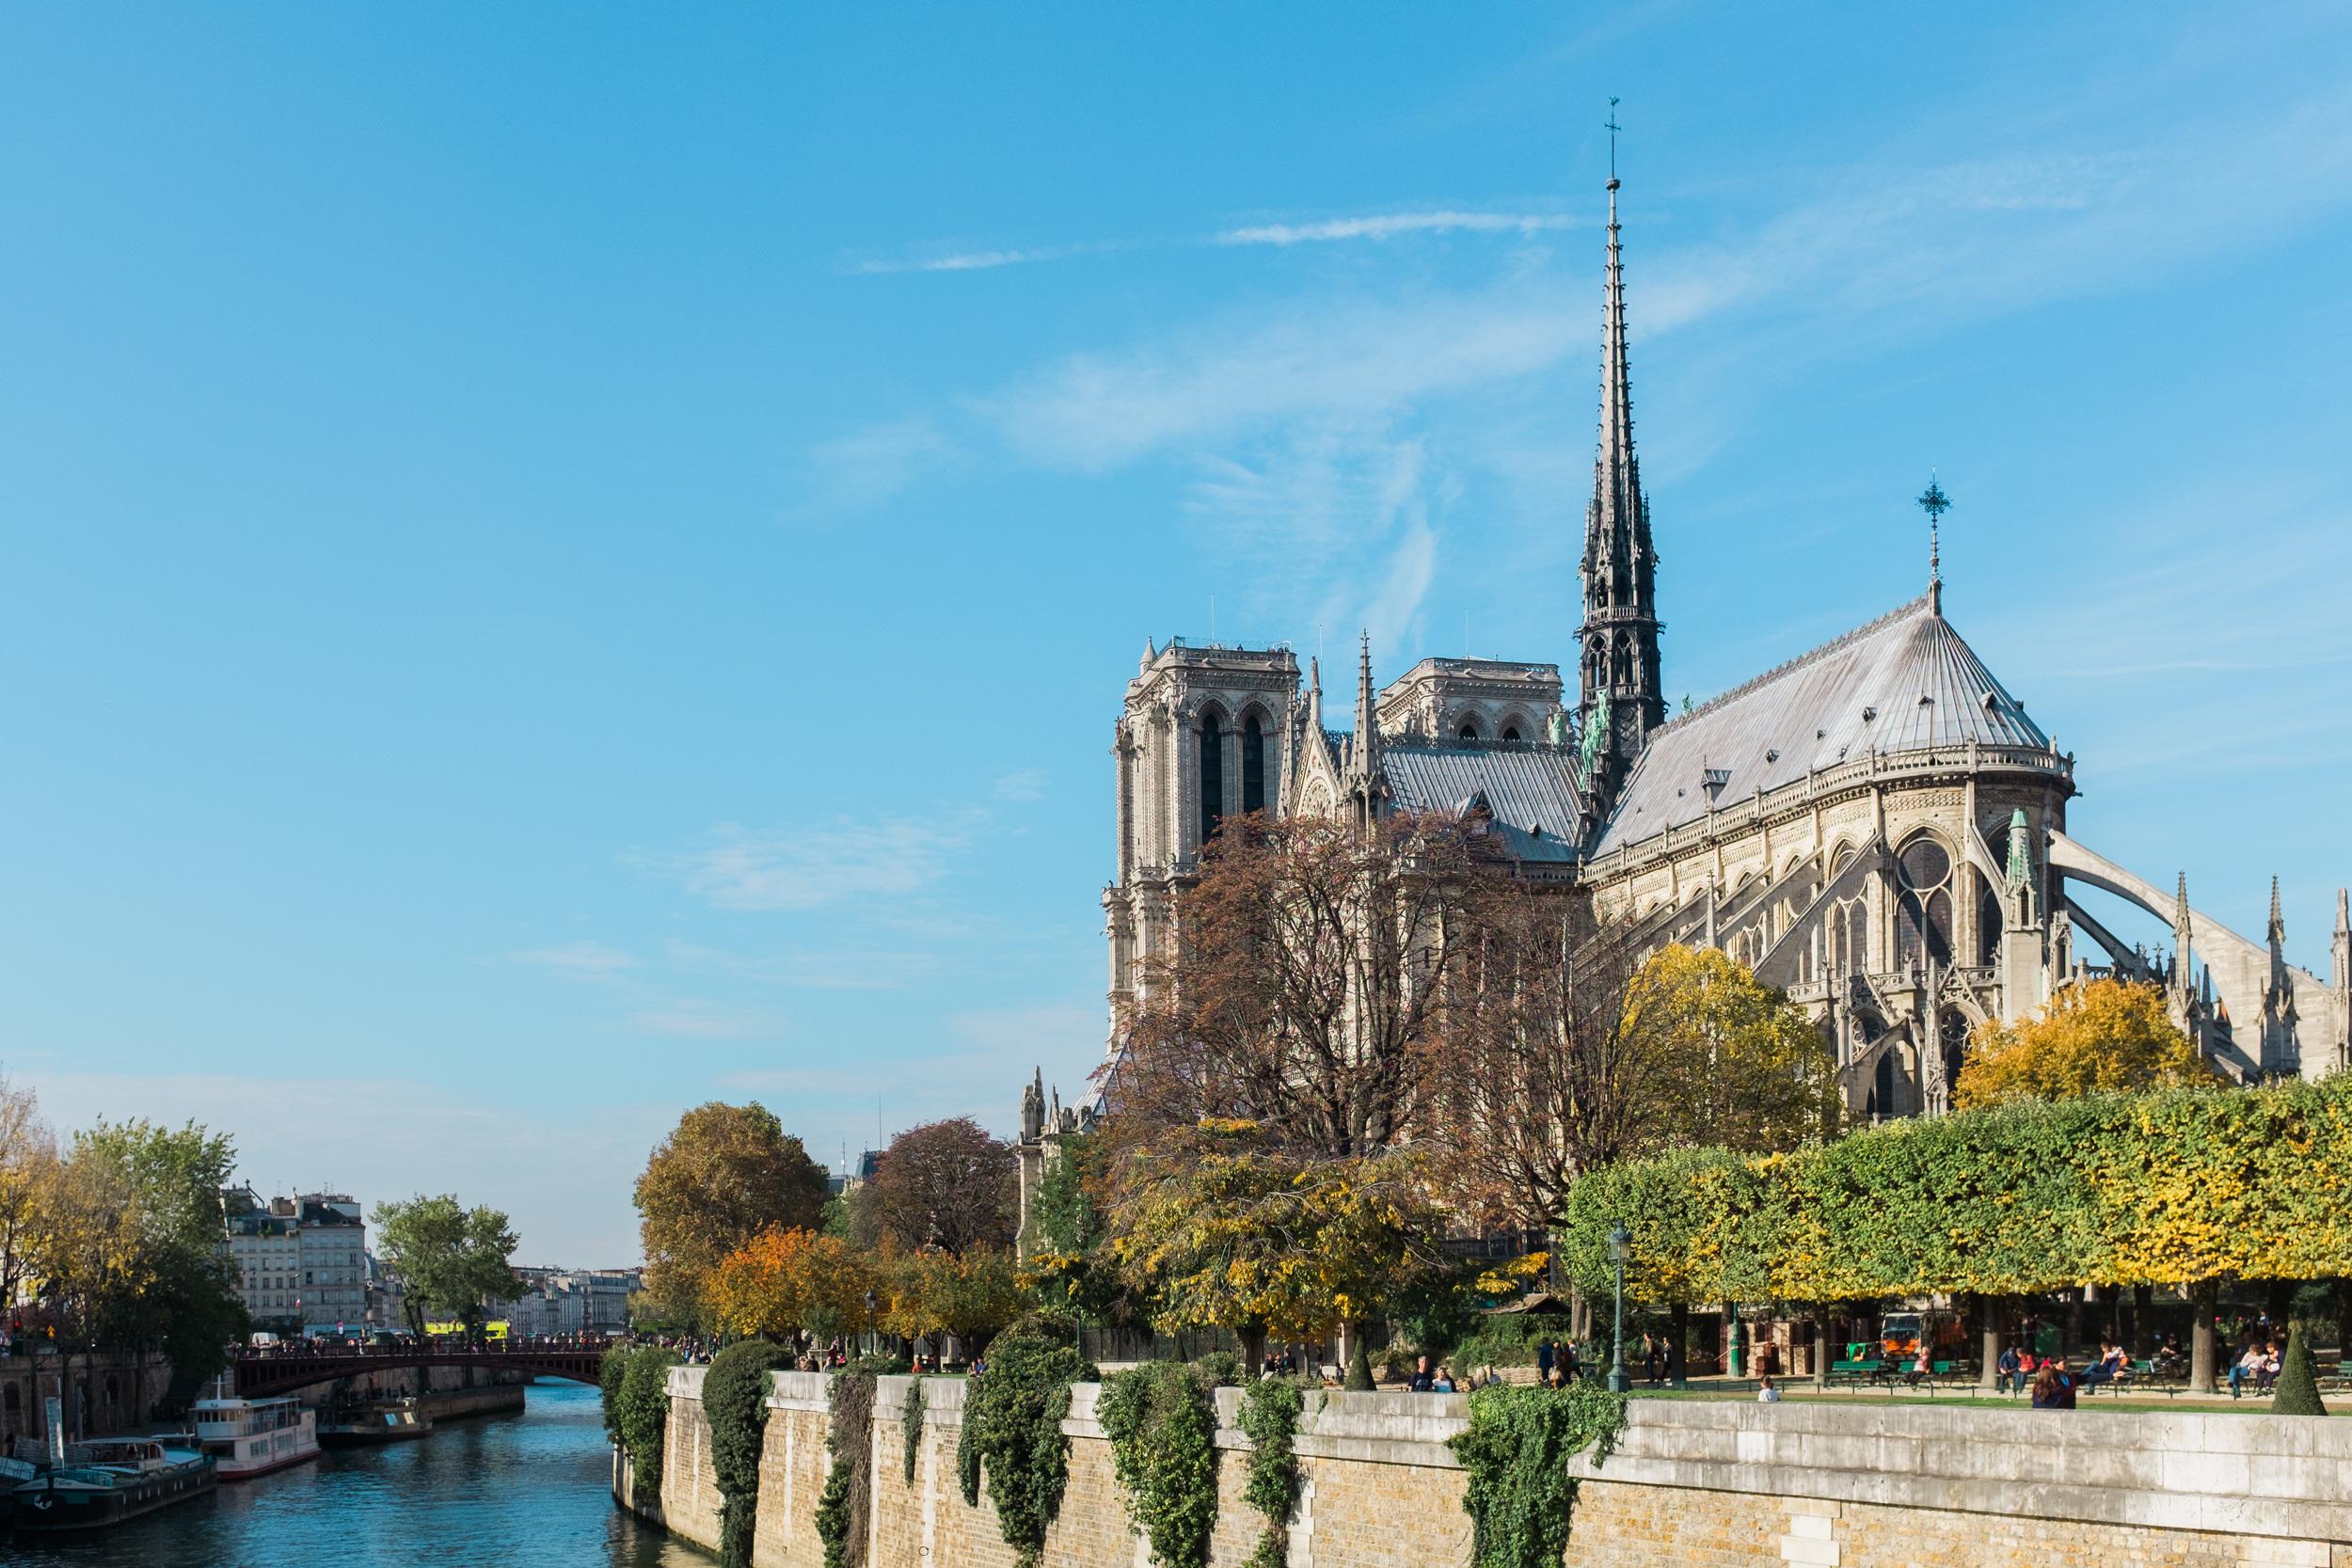 london-britian-cambridge-stmalo-mont-saint-michel-france-normandy-paris-091.jpg